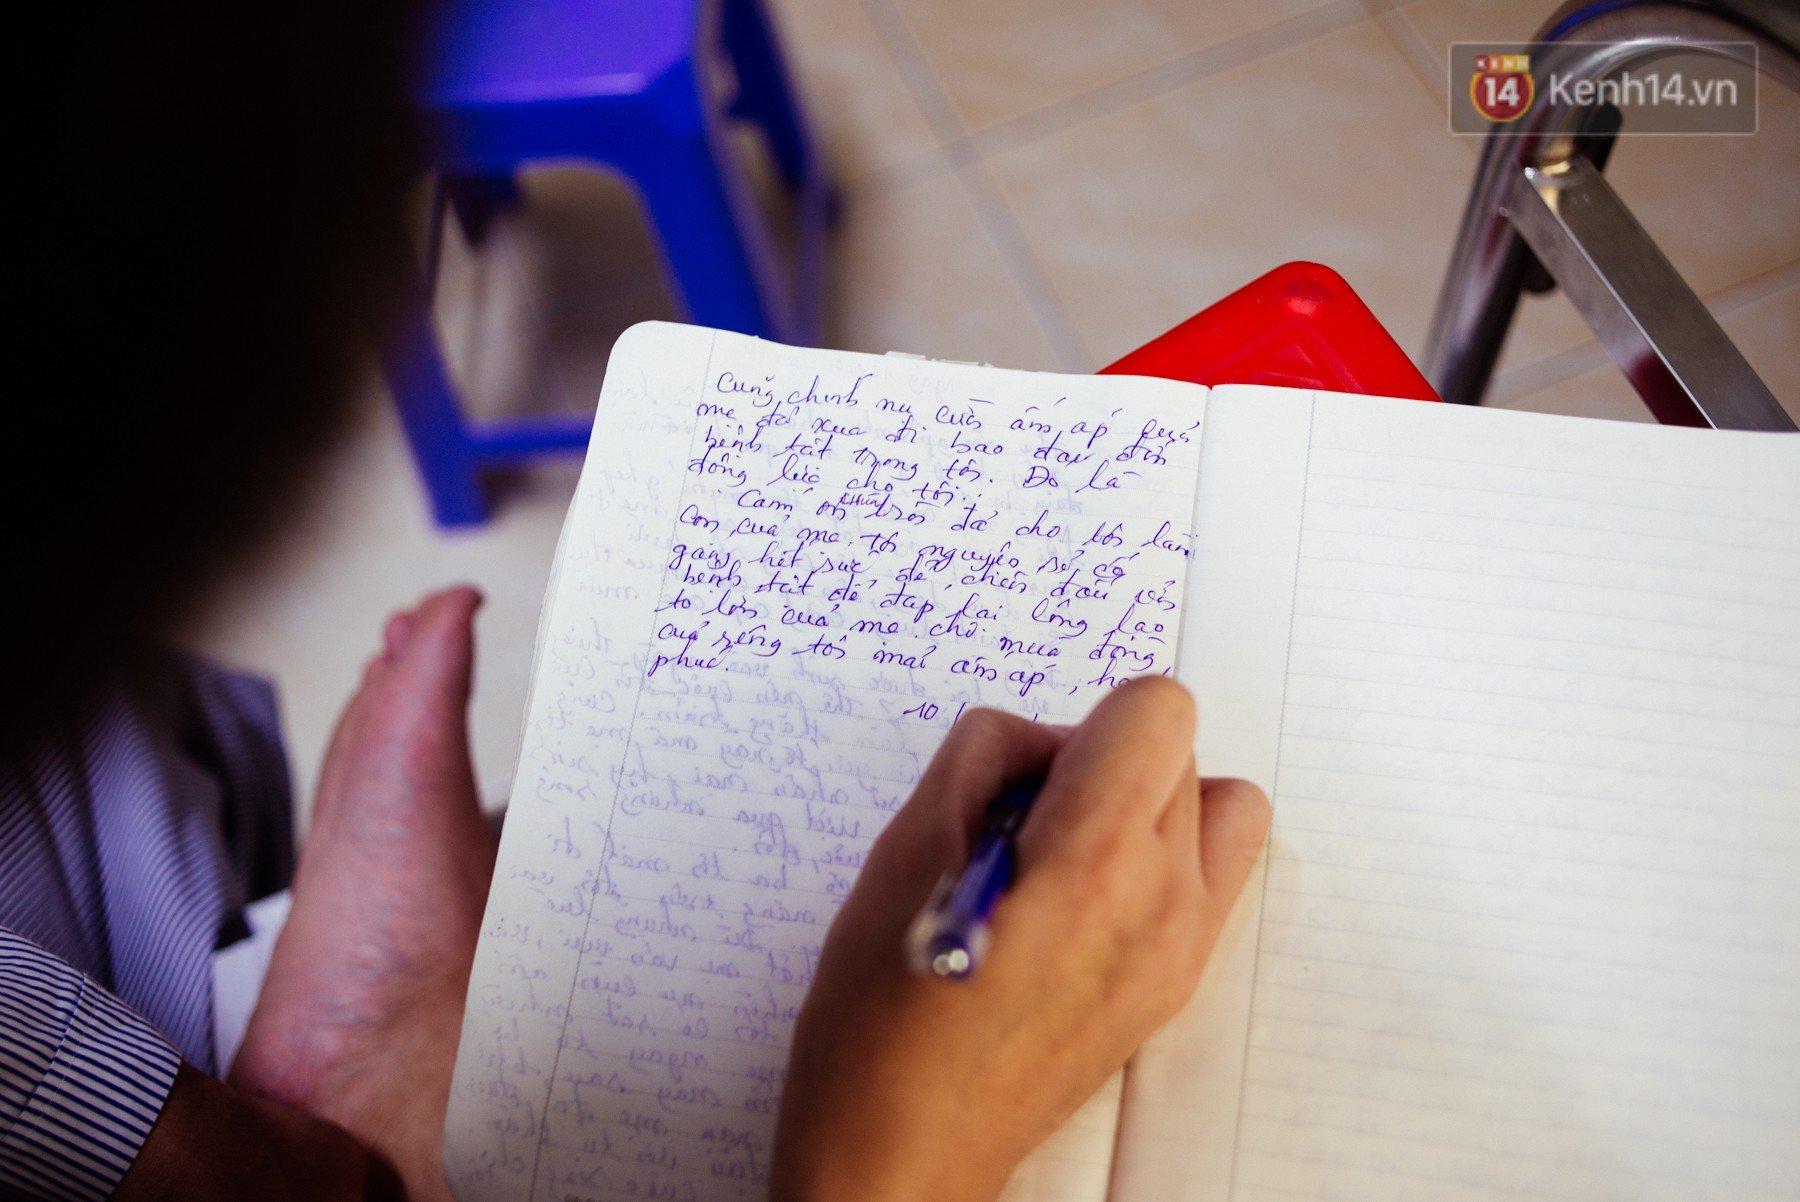 Trang nhật ký xúc động về mẹ của cậu trai bị liệt nửa người và tâm sự của những đứa con không còn mẹ 2